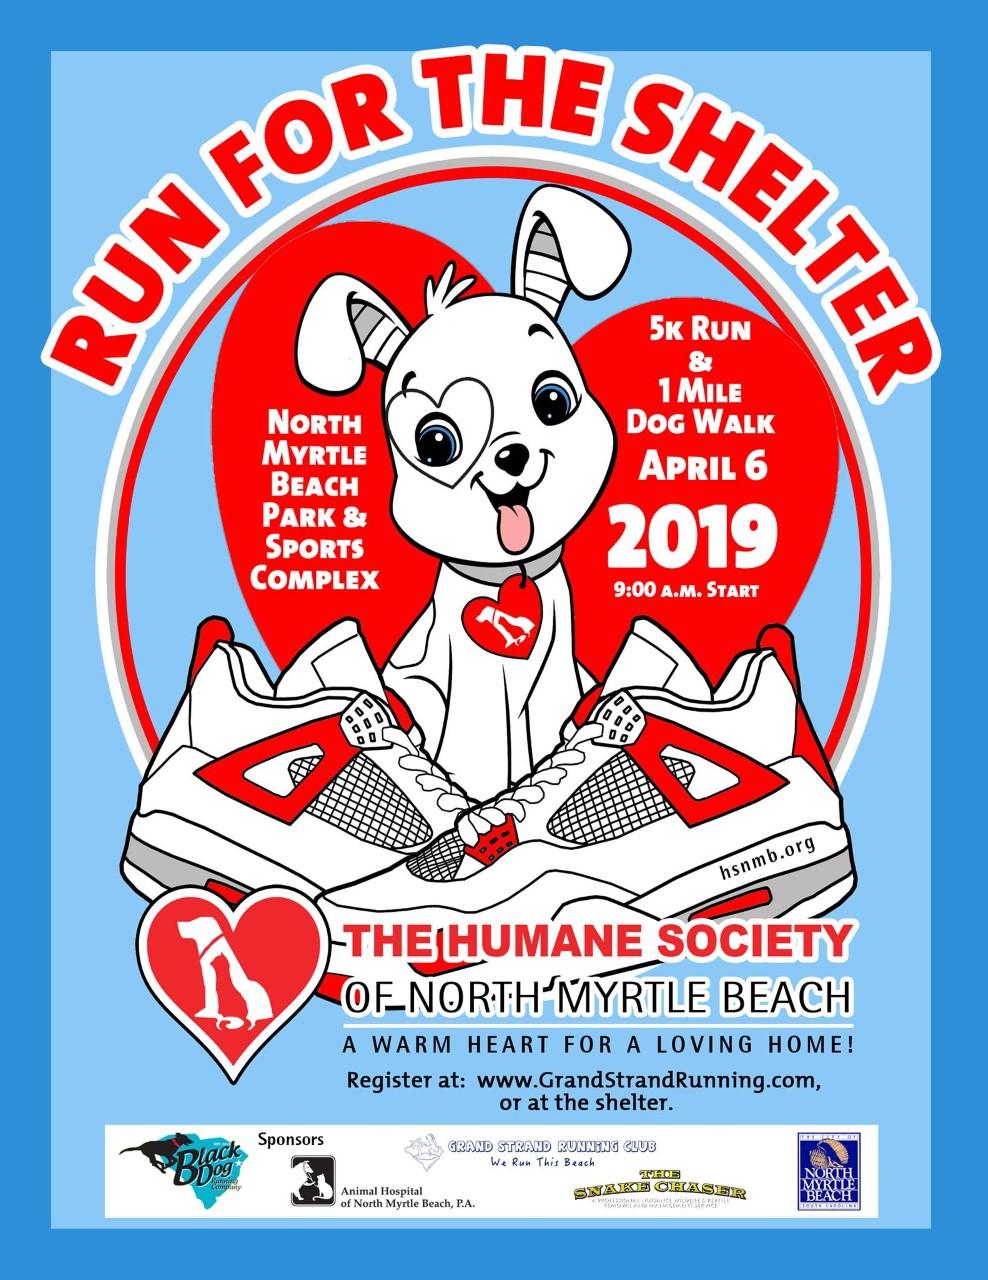 hsnmb run for the shelter_1553104765549.jpg.jpg